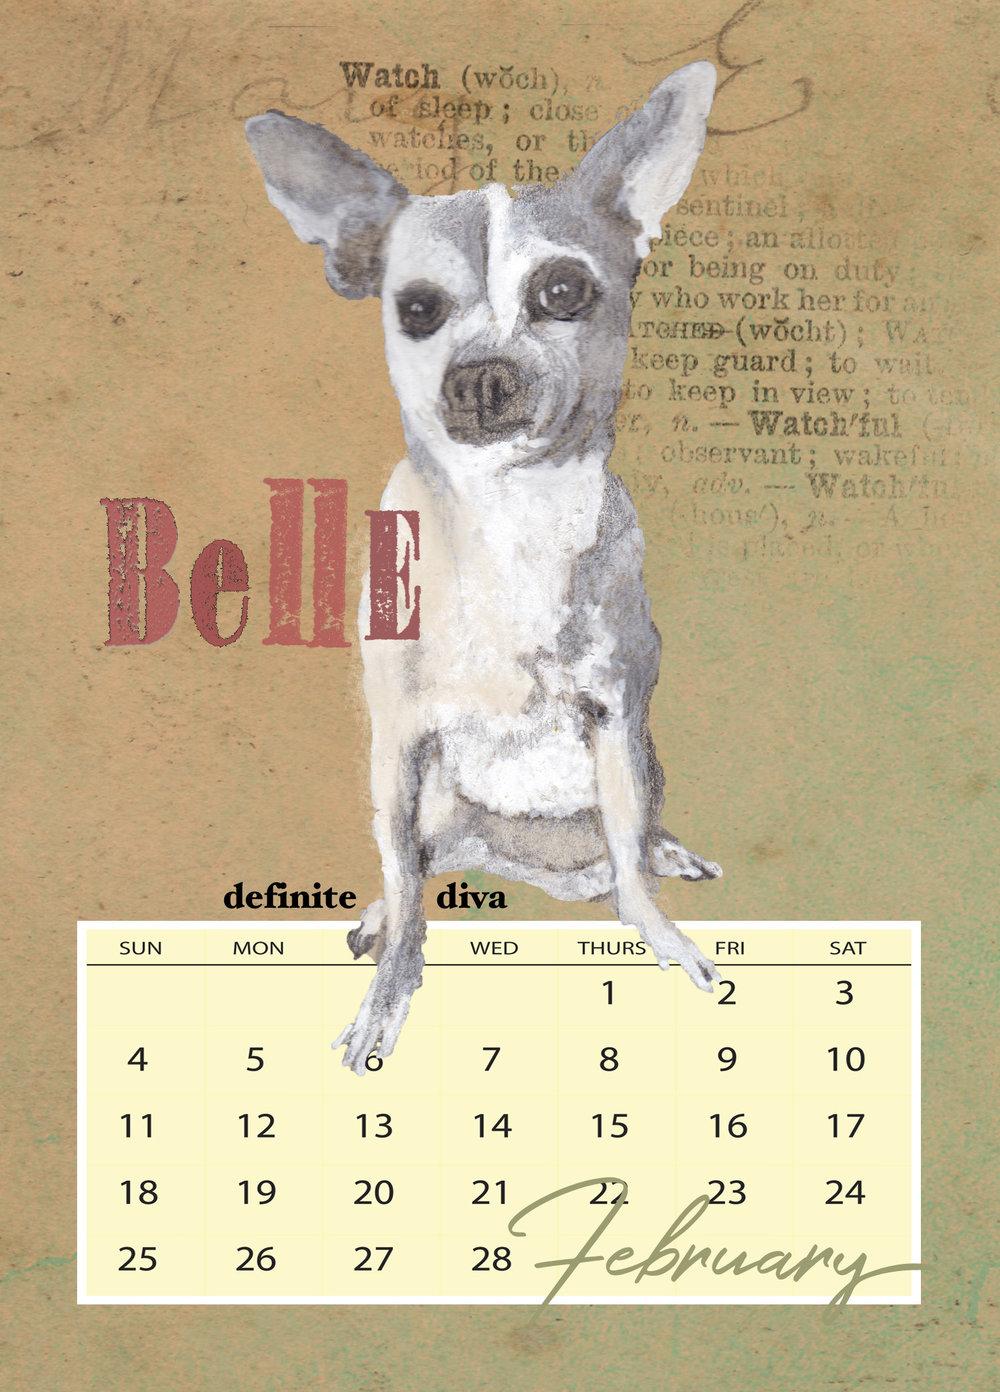 Belle final correct.jpg